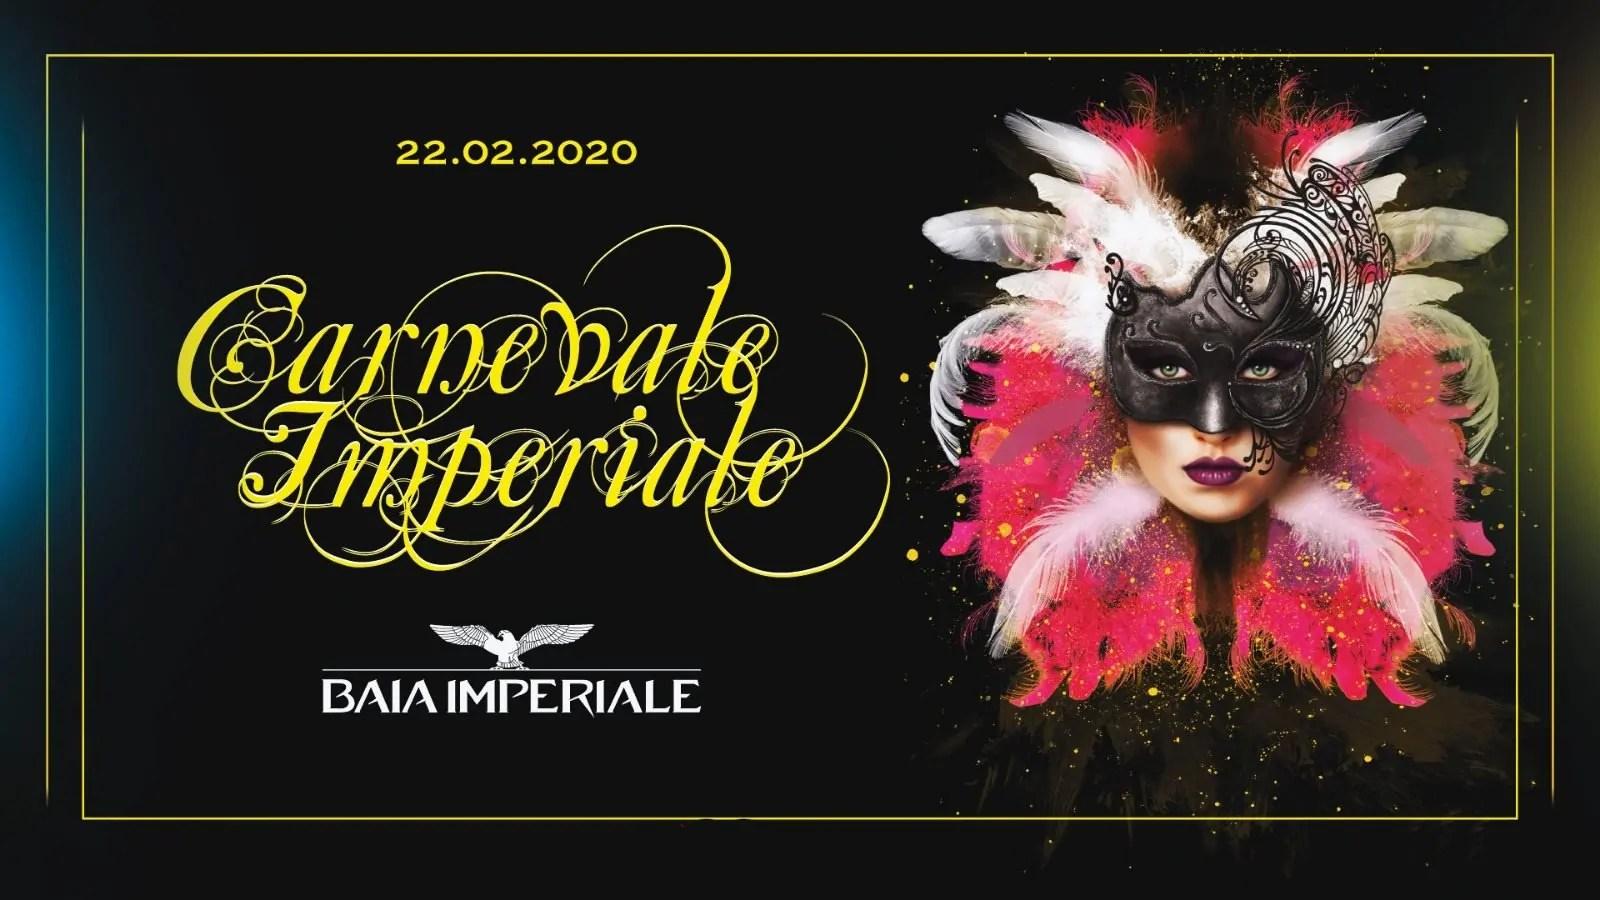 Carnevale alla Baia Imperiale Sabato 22 Febbraio 2020